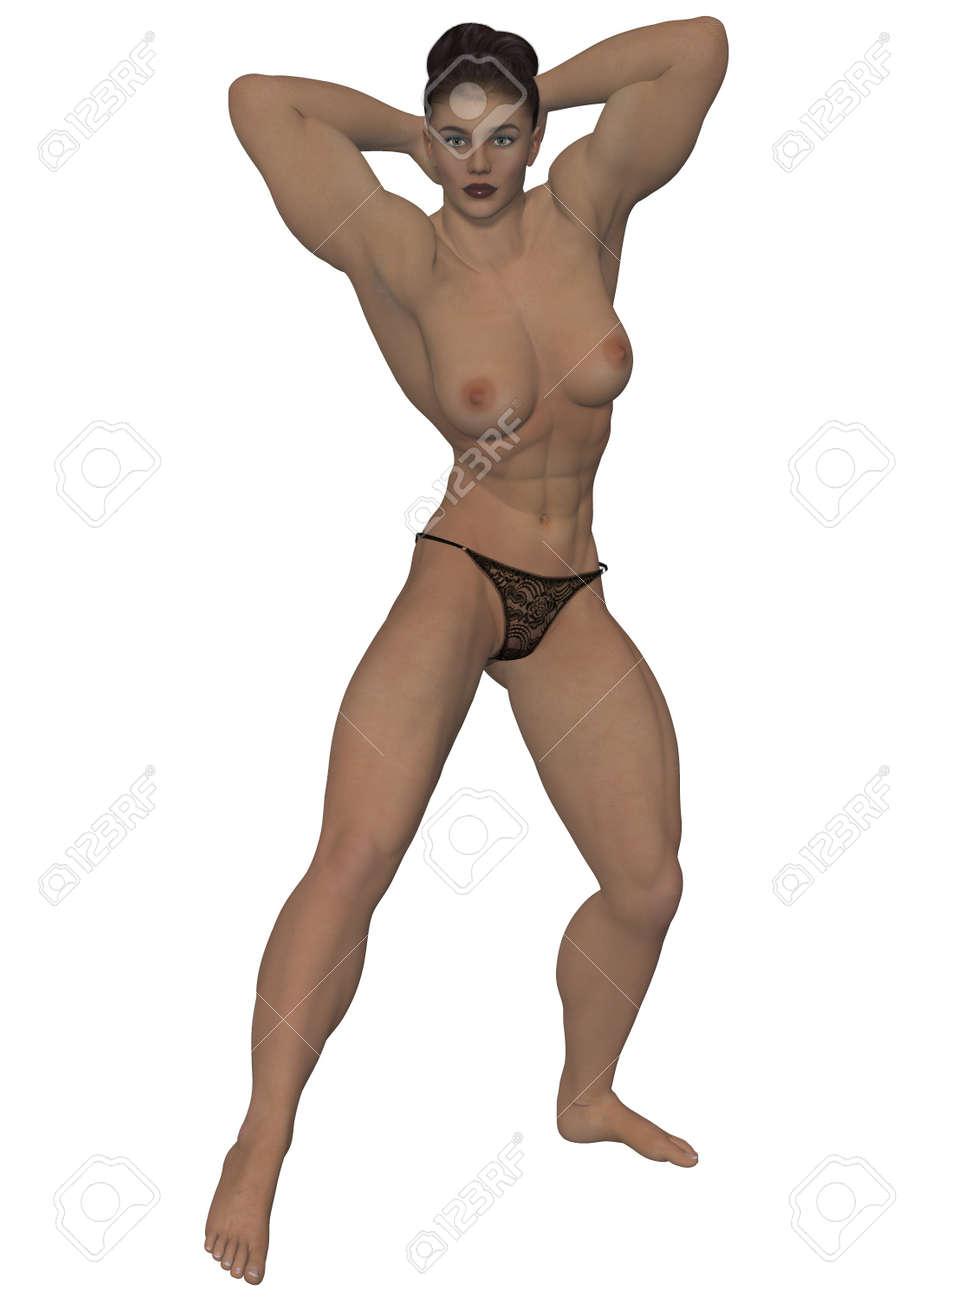 Nude wmo girls